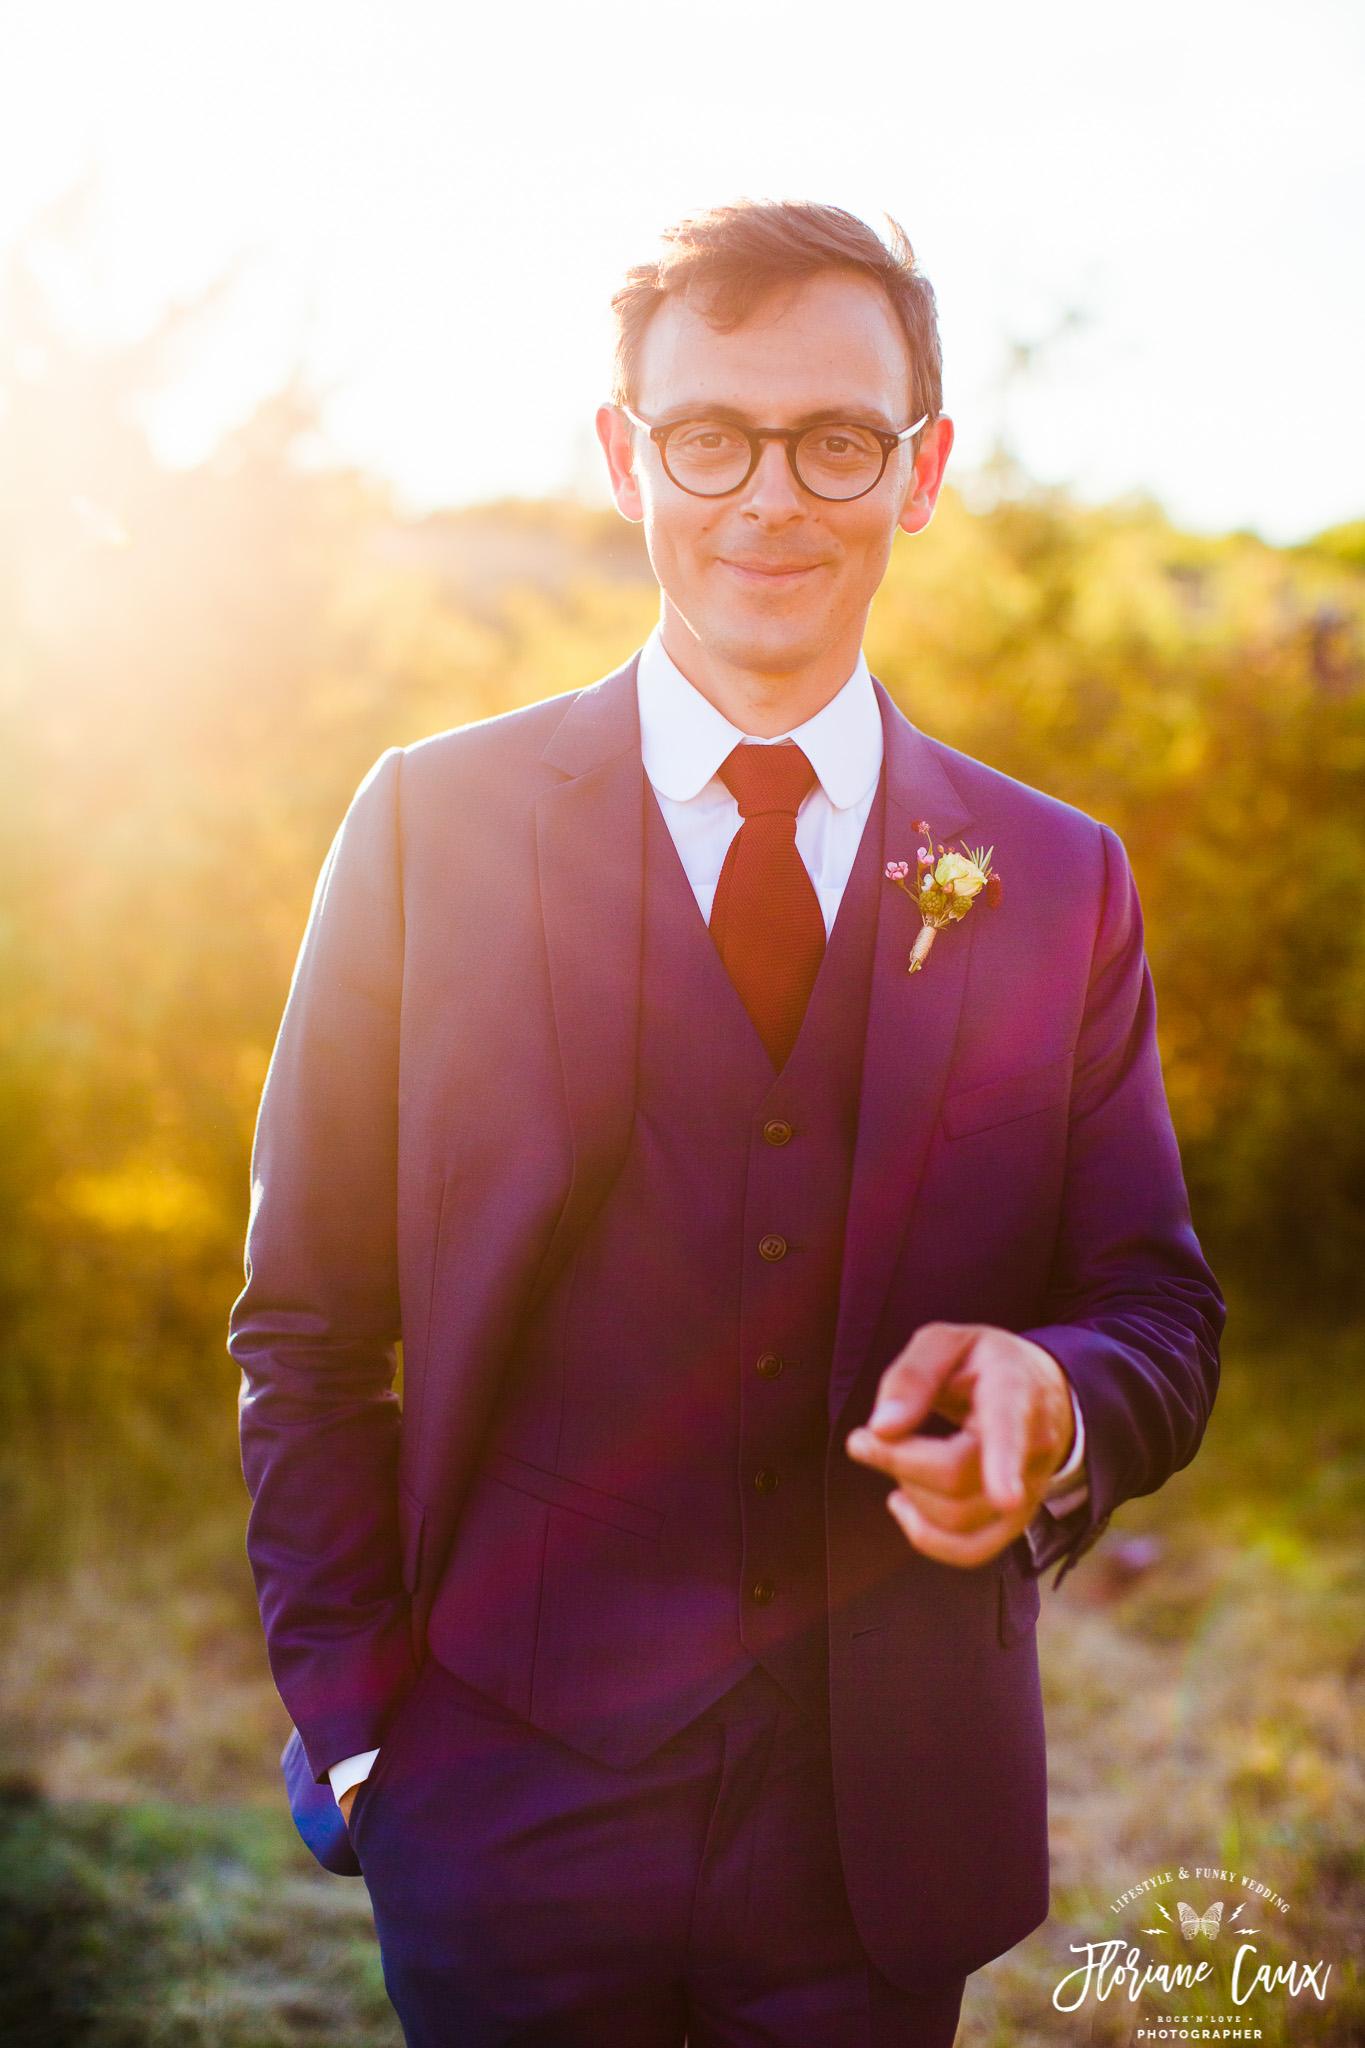 photographe-mariage-funky-licorne-fumigenes-badass-13